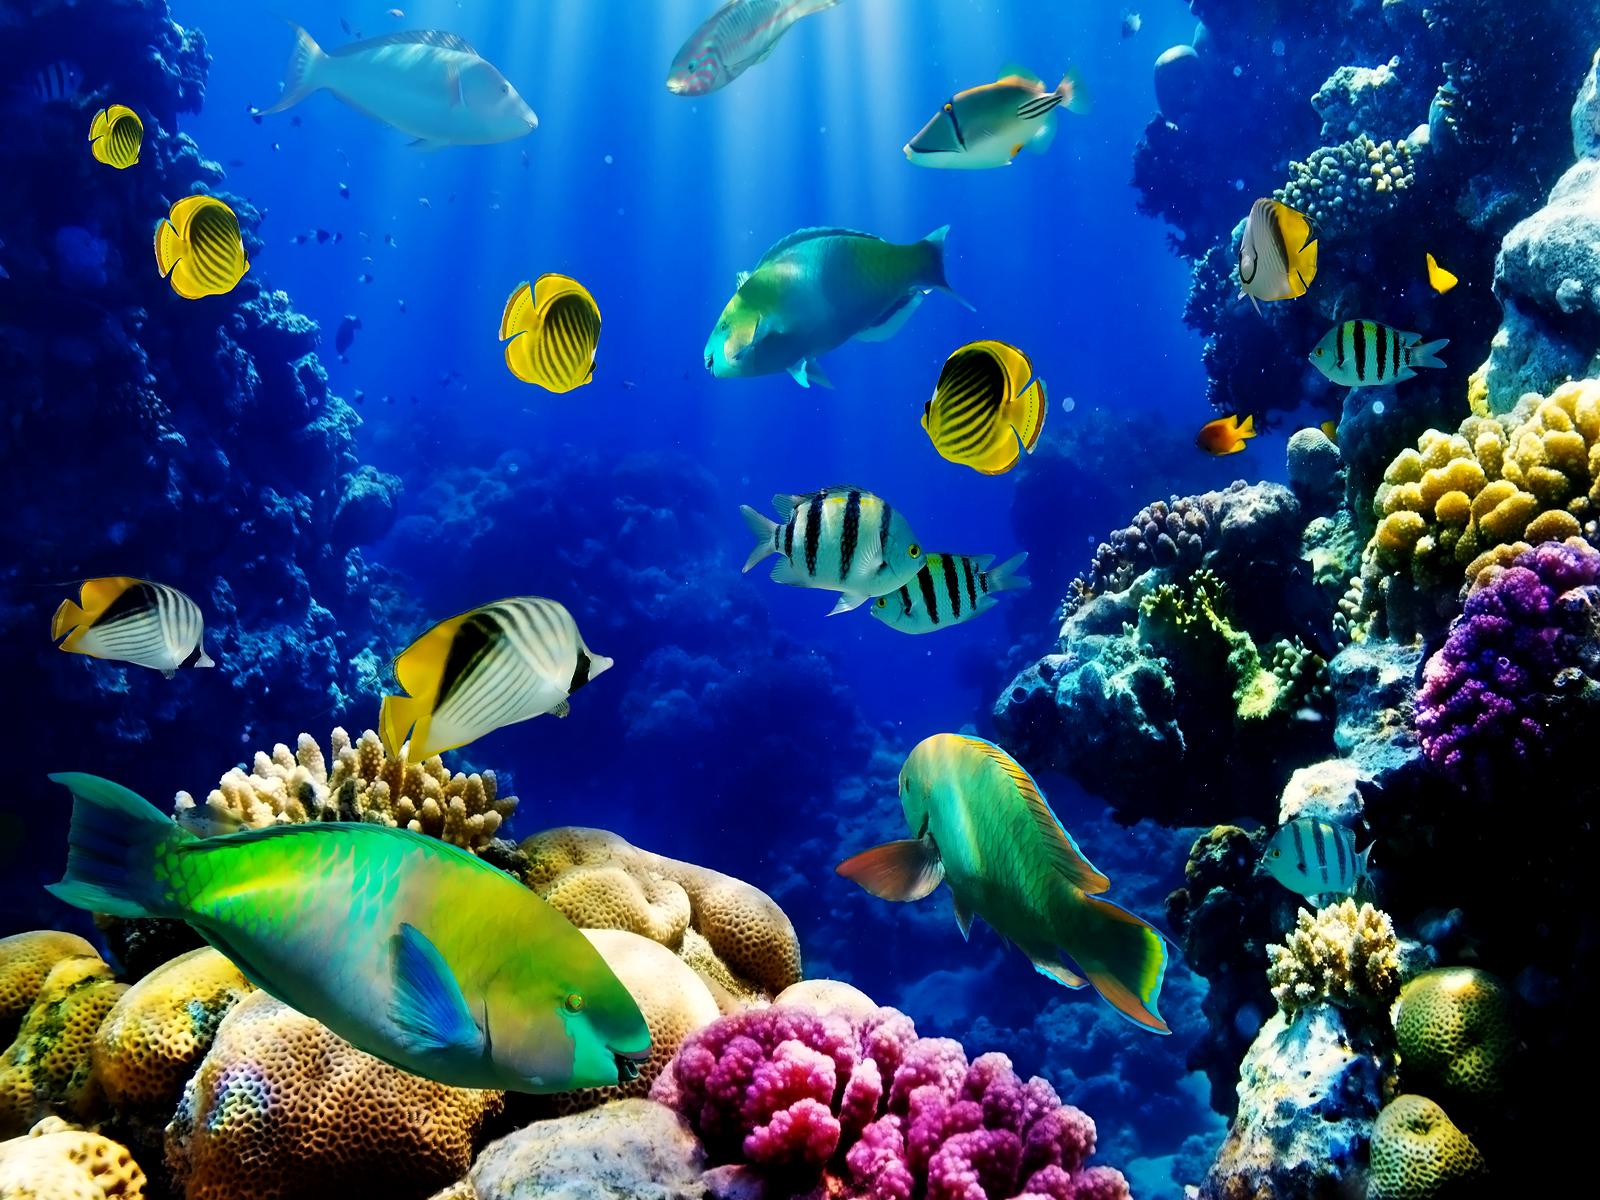 Live Aquarium Wallpaper PicsWallpapercom 1600x1200